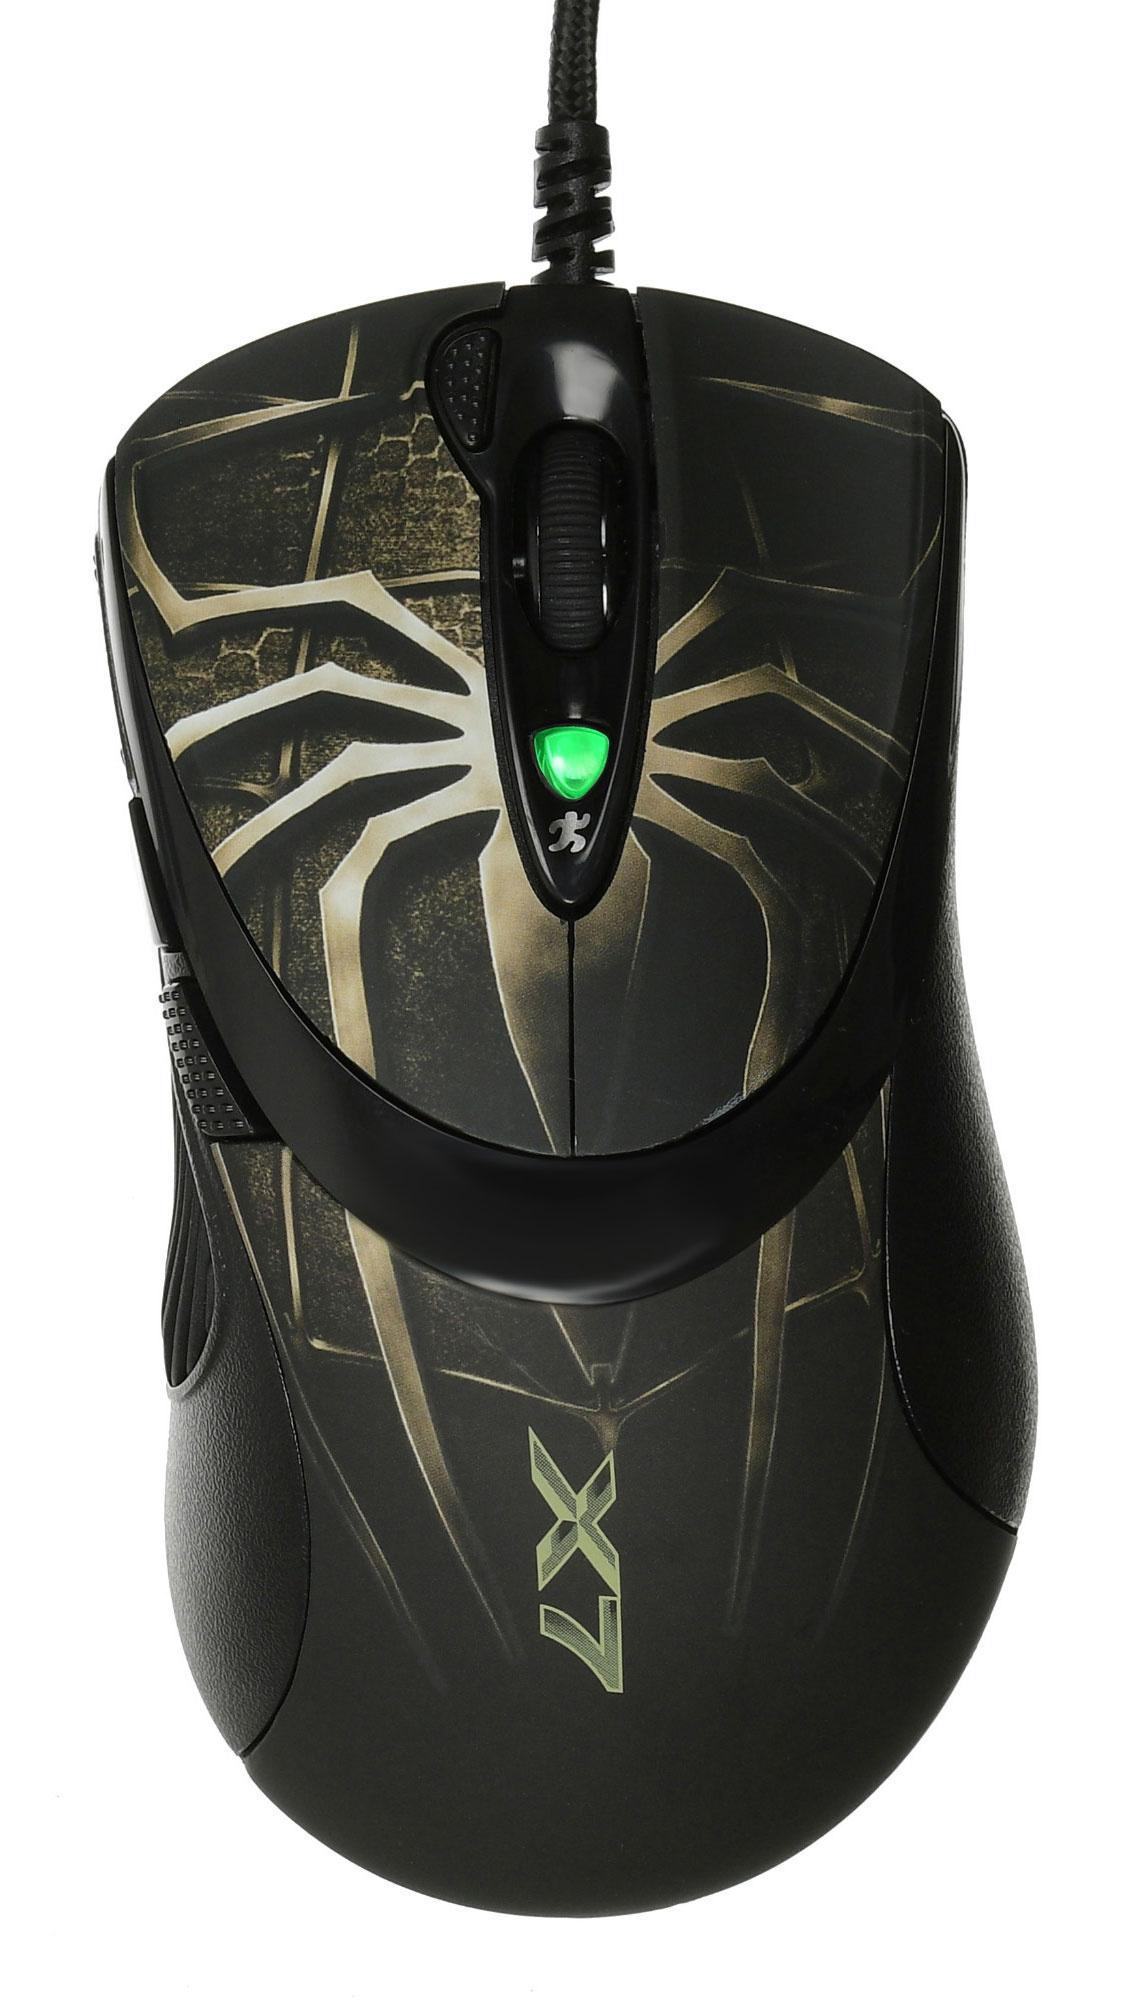 Мышь A4 Oscar Editor XL-747H коричневый/рисунок лазерная (3600dpi) USB2.0 игровая (6but)